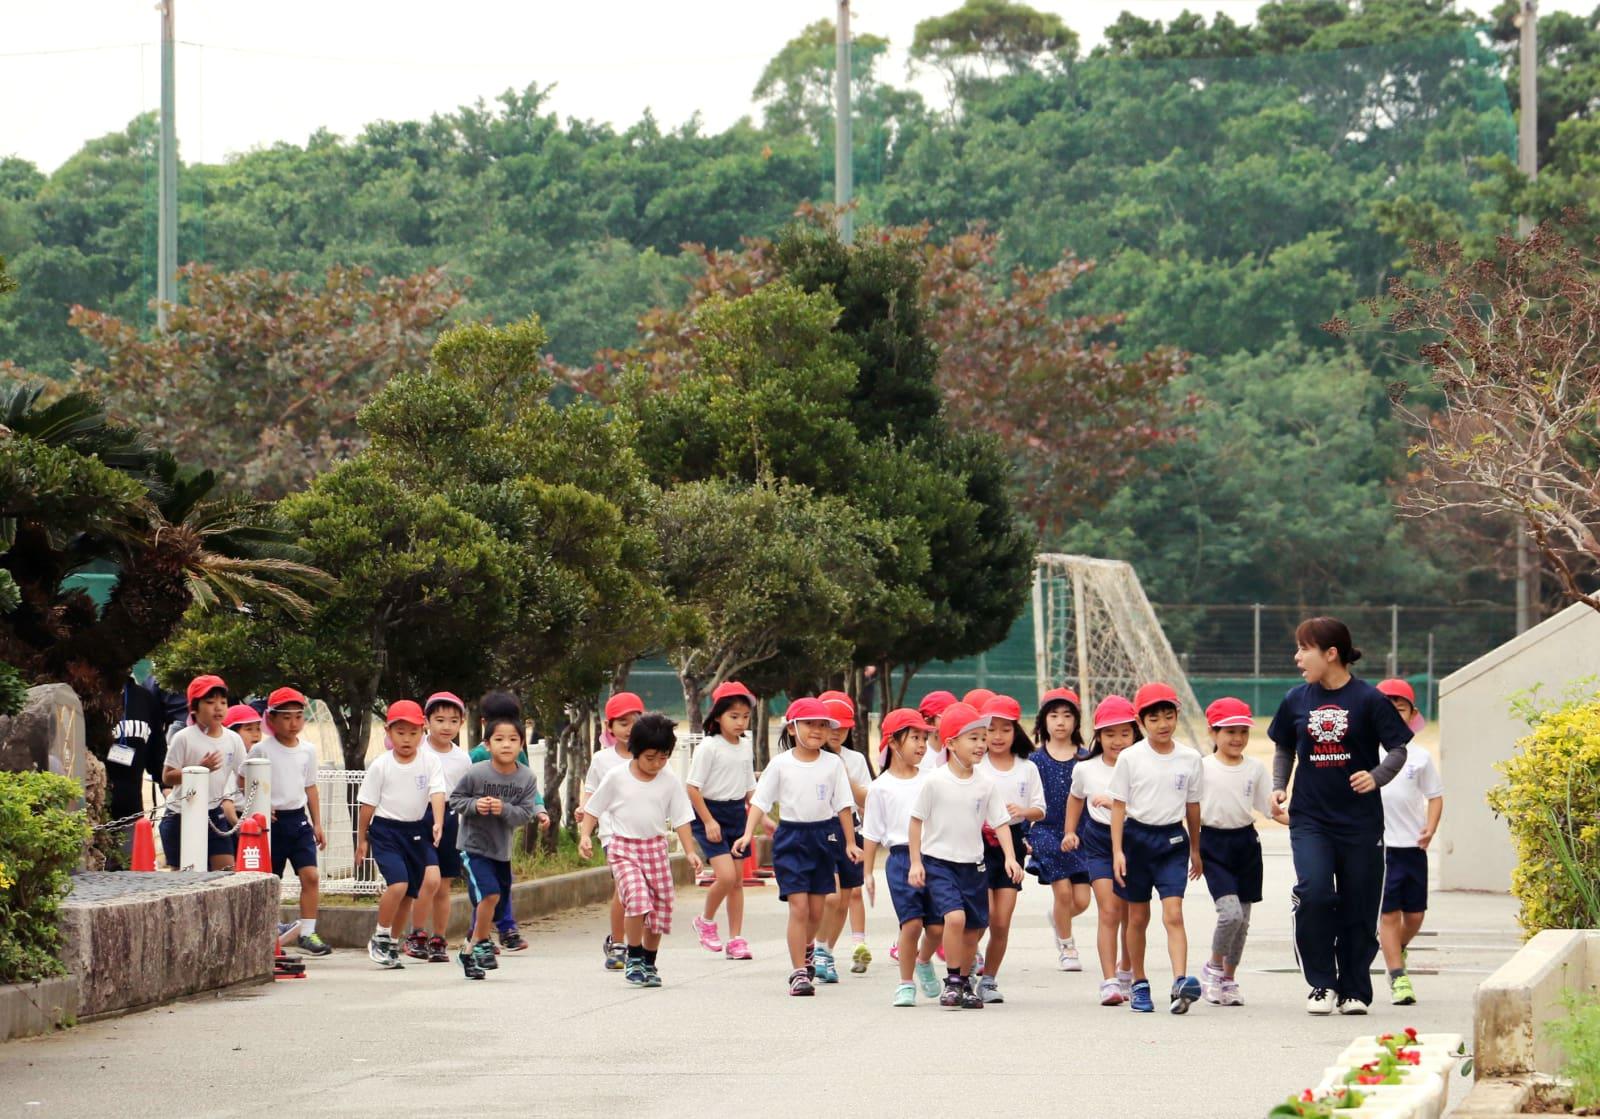 【沖縄】ヘリ窓落下の小学校、米軍ヘリの接近を想定で避難訓練へwwwwwwwwのサムネイル画像